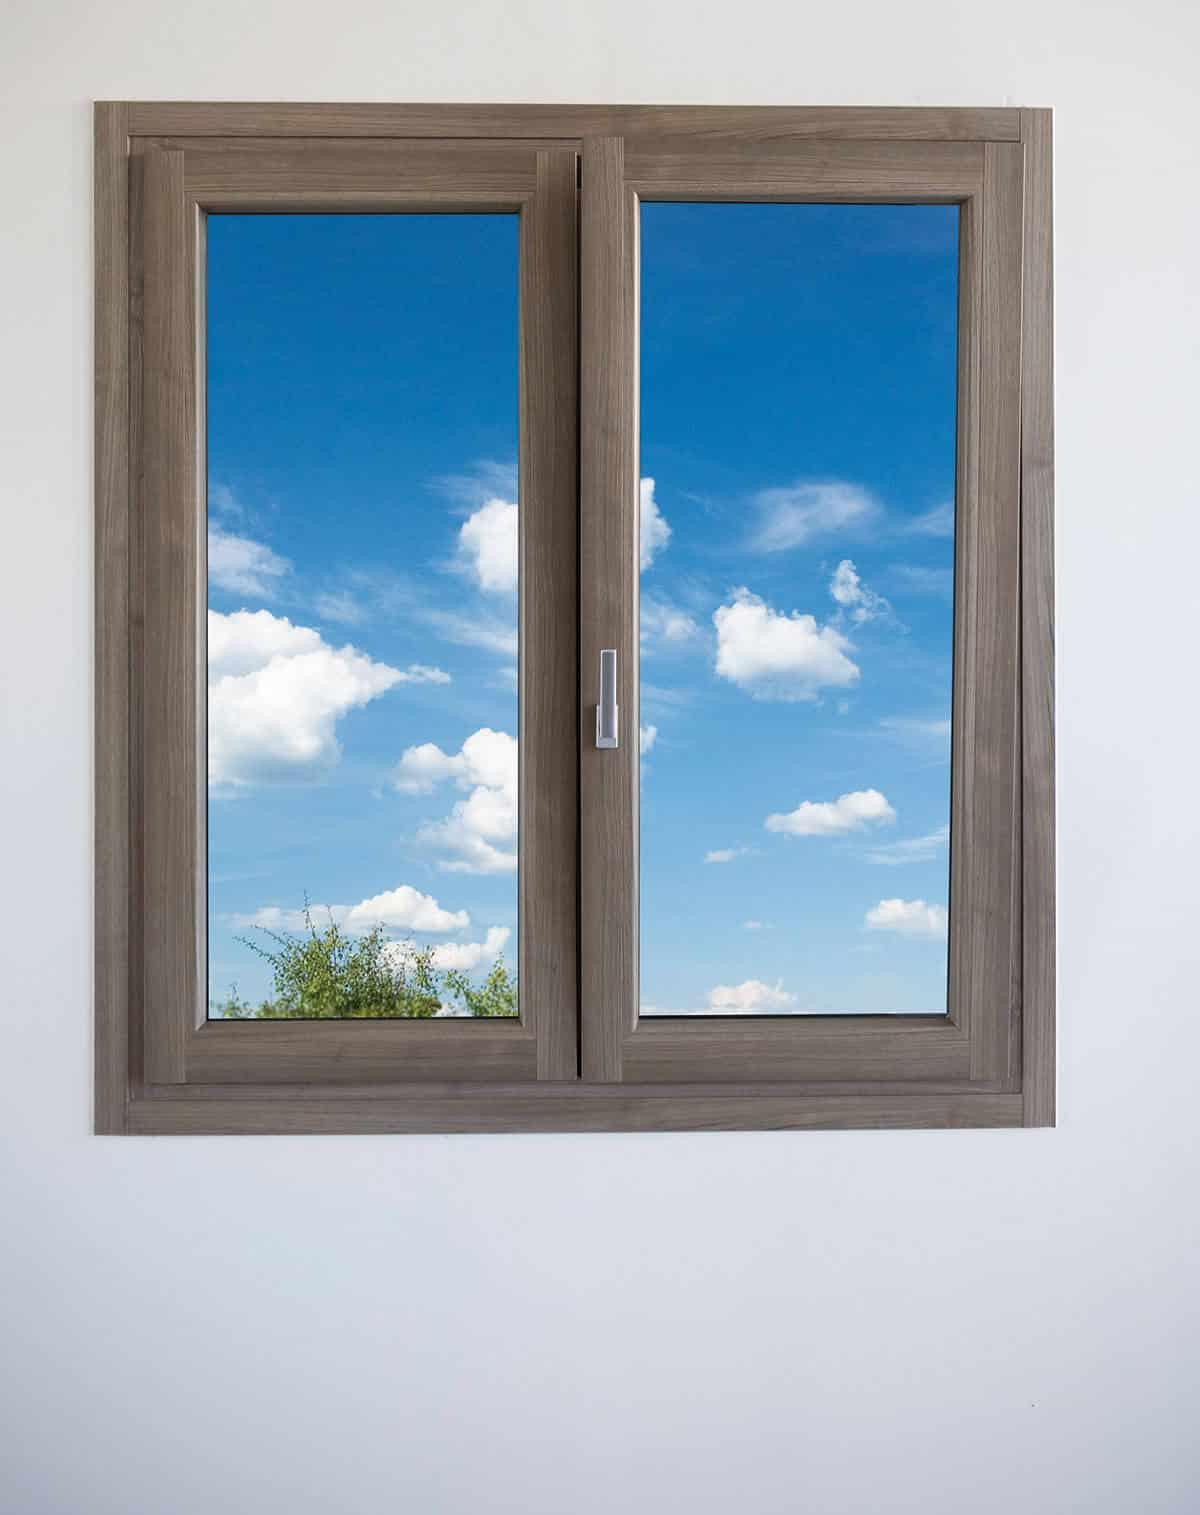 חלונות פי וי סי תוצרת אירופה - קונטור חלונות